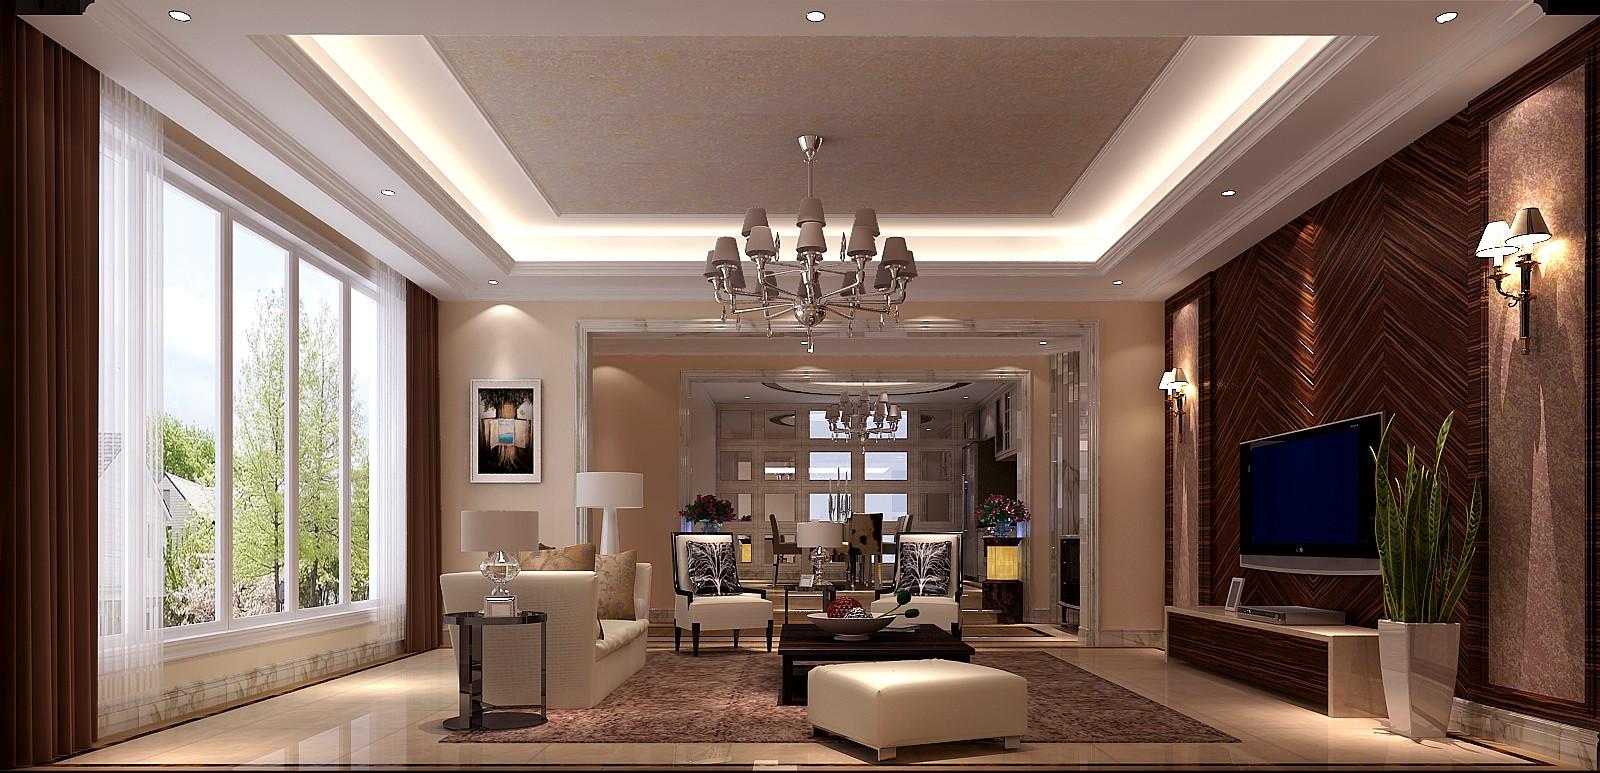 简约 欧式 别墅 小资 客厅图片来自高度国际装饰黄帅在粗狂也自然,简约更添亲切感的分享